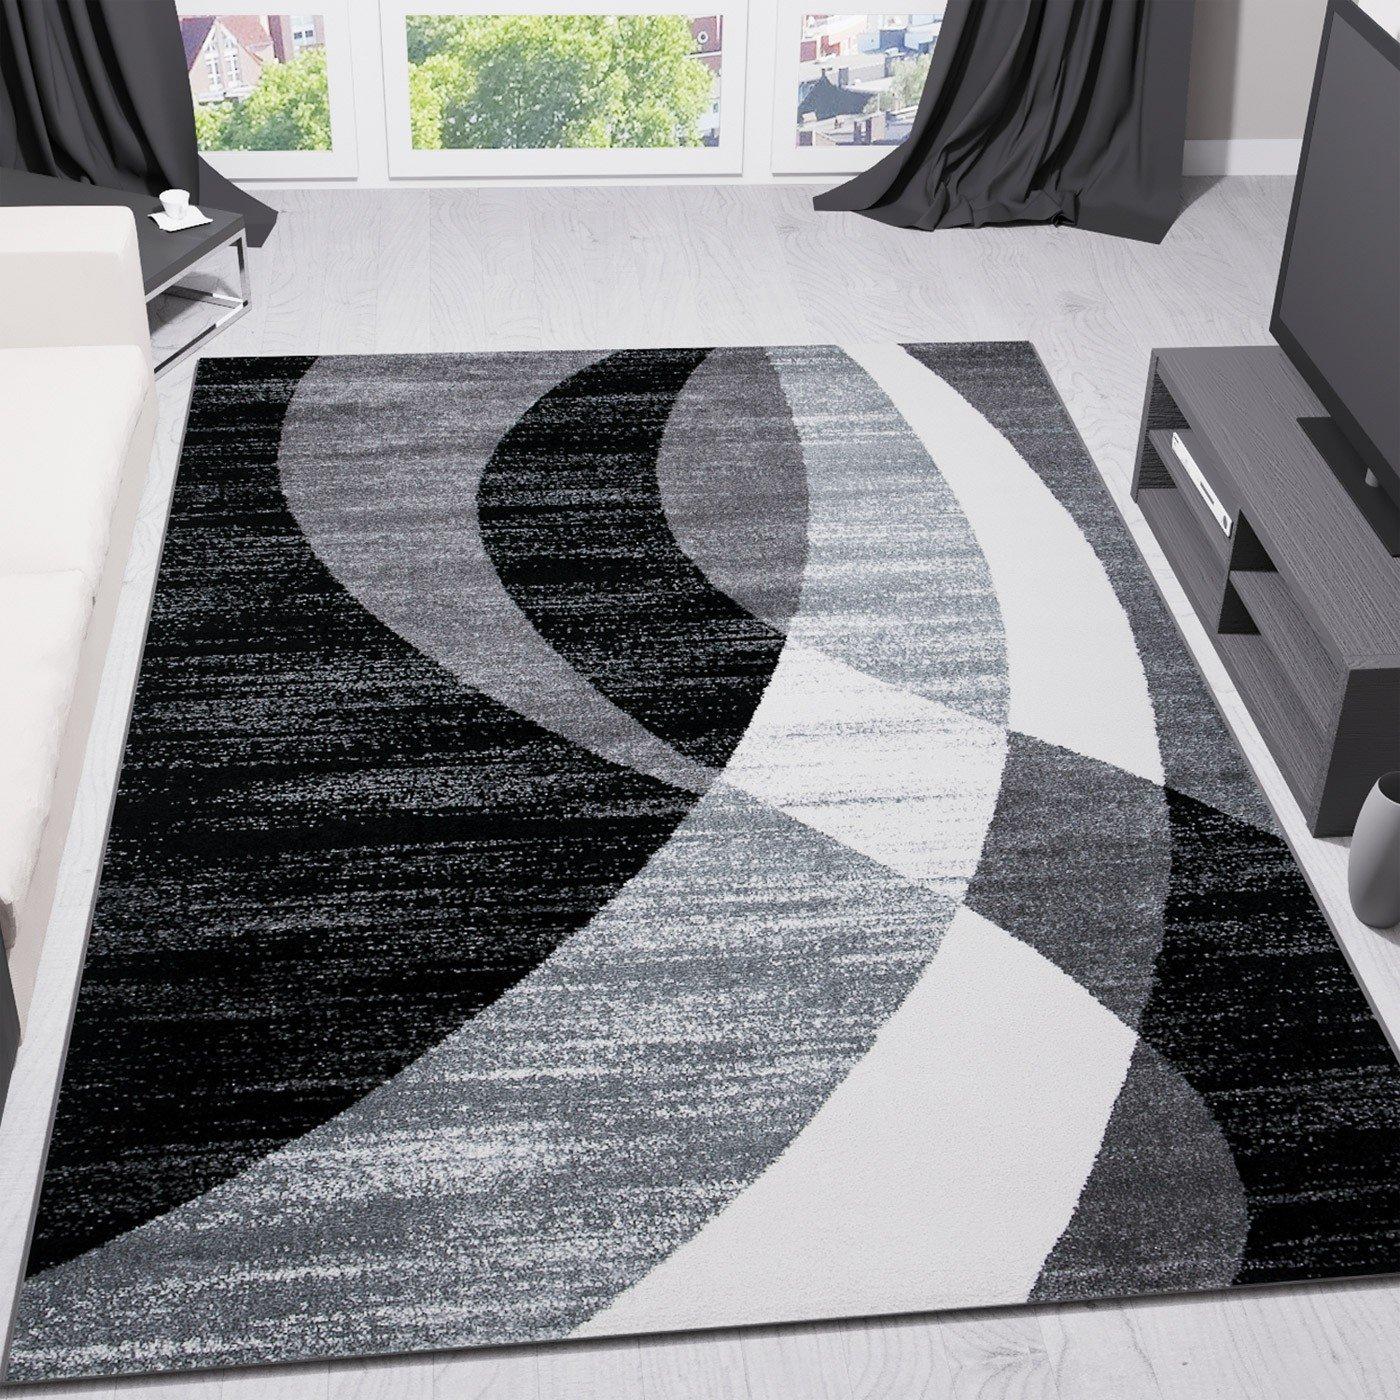 VIMODA Teppich Modern Design Schwarz Grau Weiß Kurzflor Geschwungene Streifen - Pflegeleicht und Top Qualität, Maße 200x290 cm